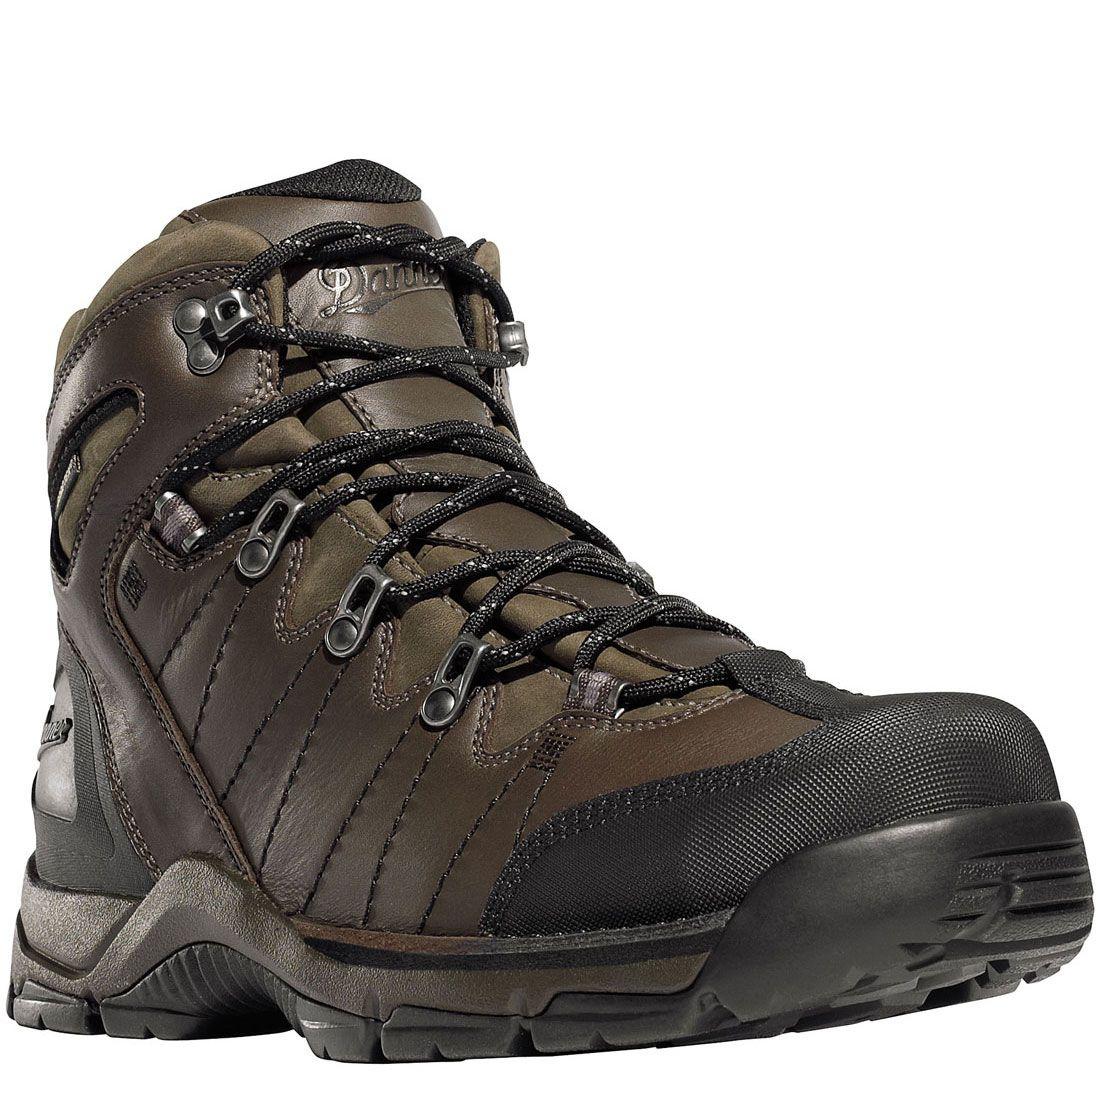 37520 Danner Men's Mt Defiance GTX Hiking Boots Brown